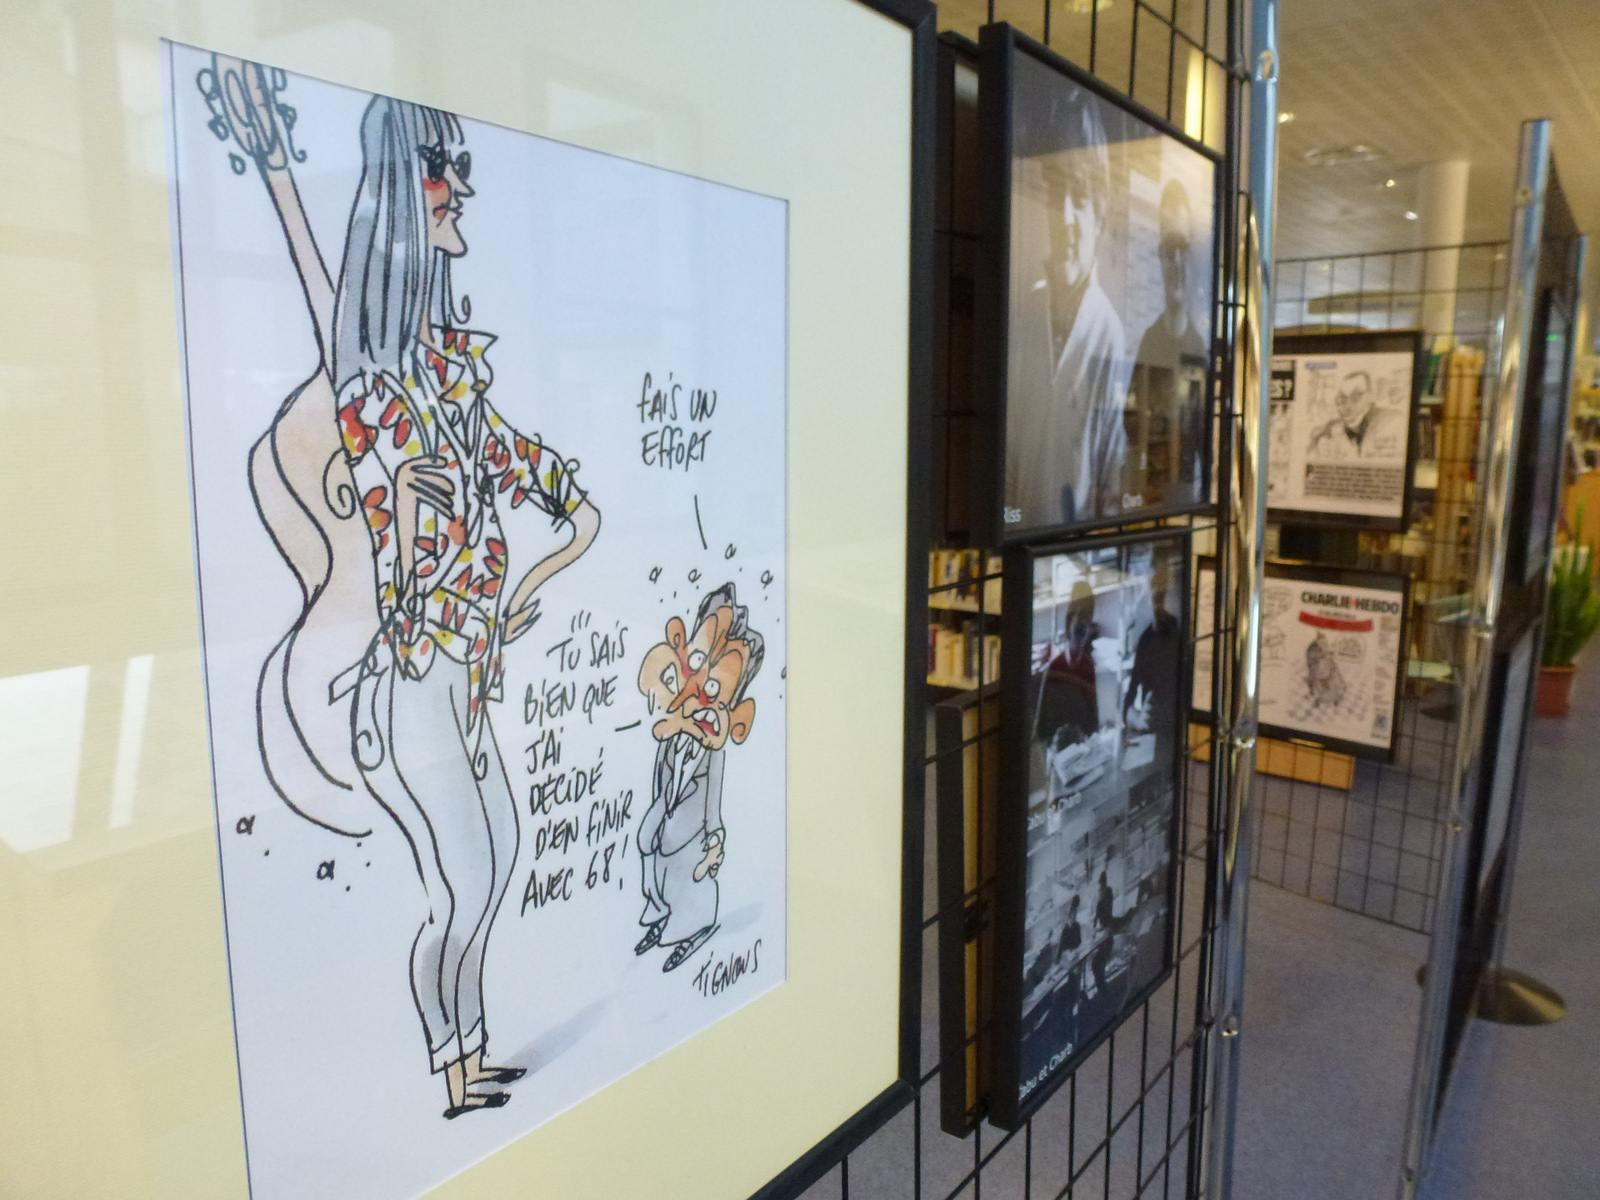 charlie hebdo exhibit9 Exhibition Charlie Hebdo at Quimperle